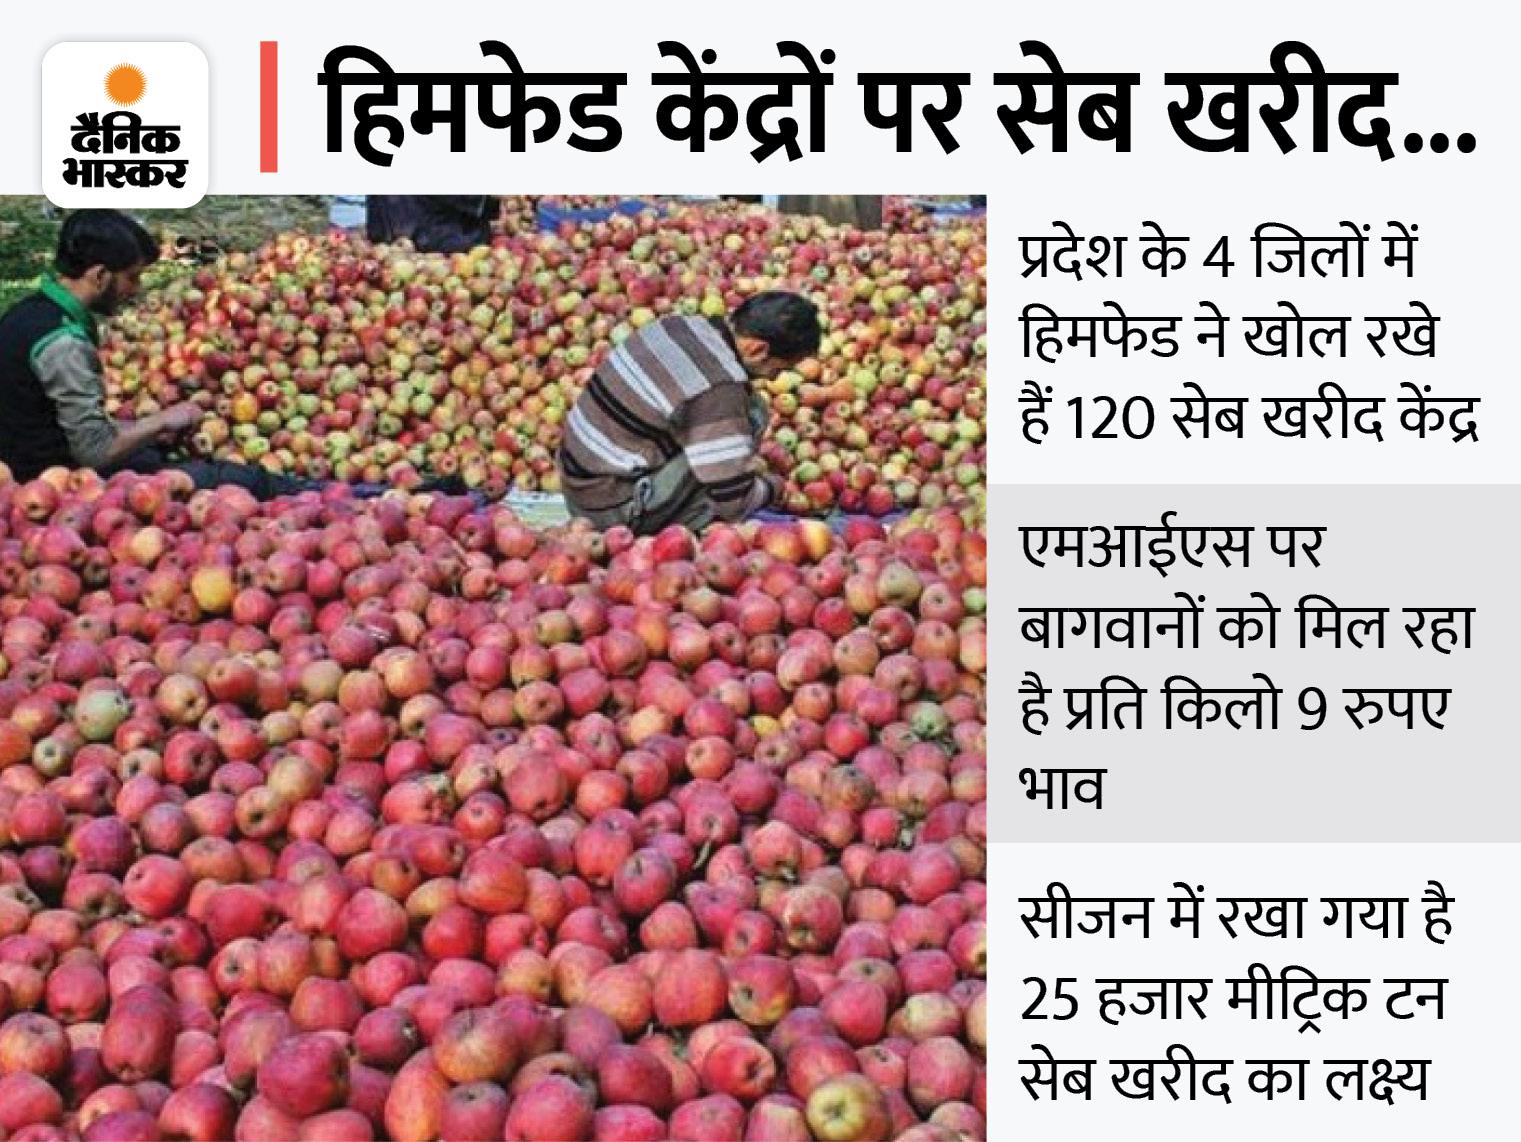 18 हजार मीट्रिक टन सेब की हो चुकी खरीद; कई हिस्सों में तुड़ाई का काम बाकी, ओलावृष्टि से प्रभावित फसल एजेंसी को बेच रहे बागवान|देश,National - Dainik Bhaskar